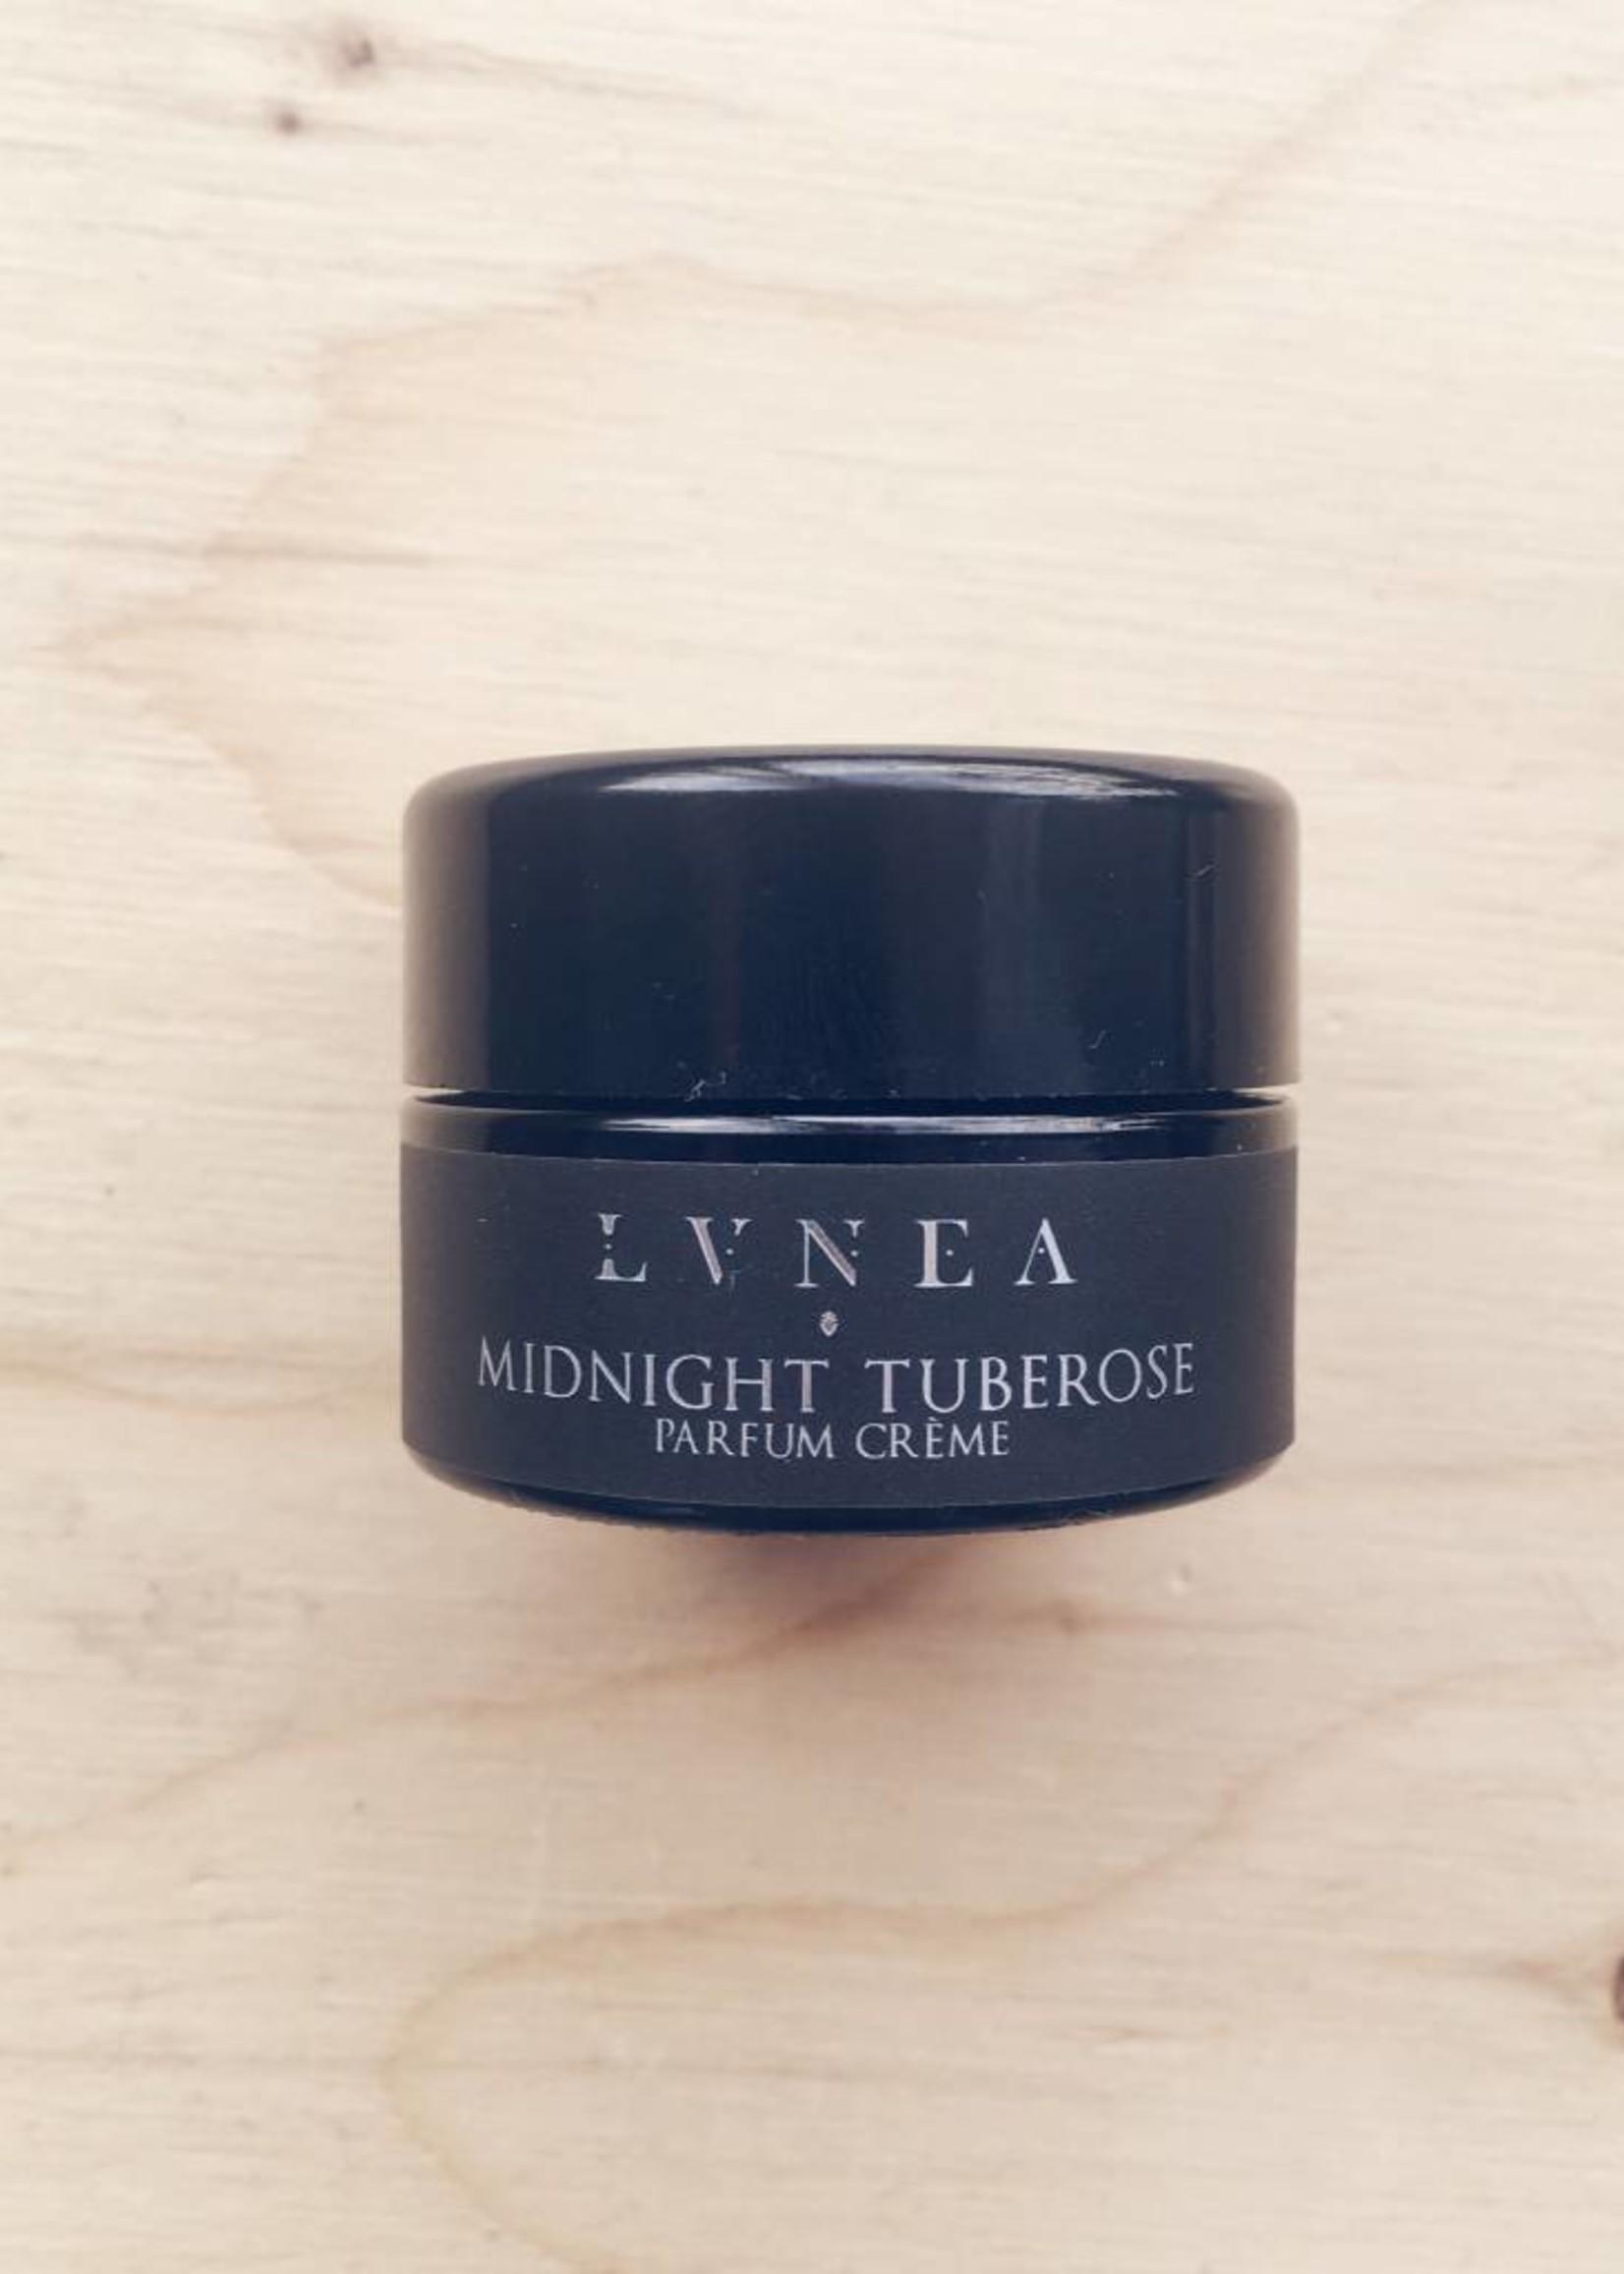 Lvnea Midnight Tuberose Solid Perfume